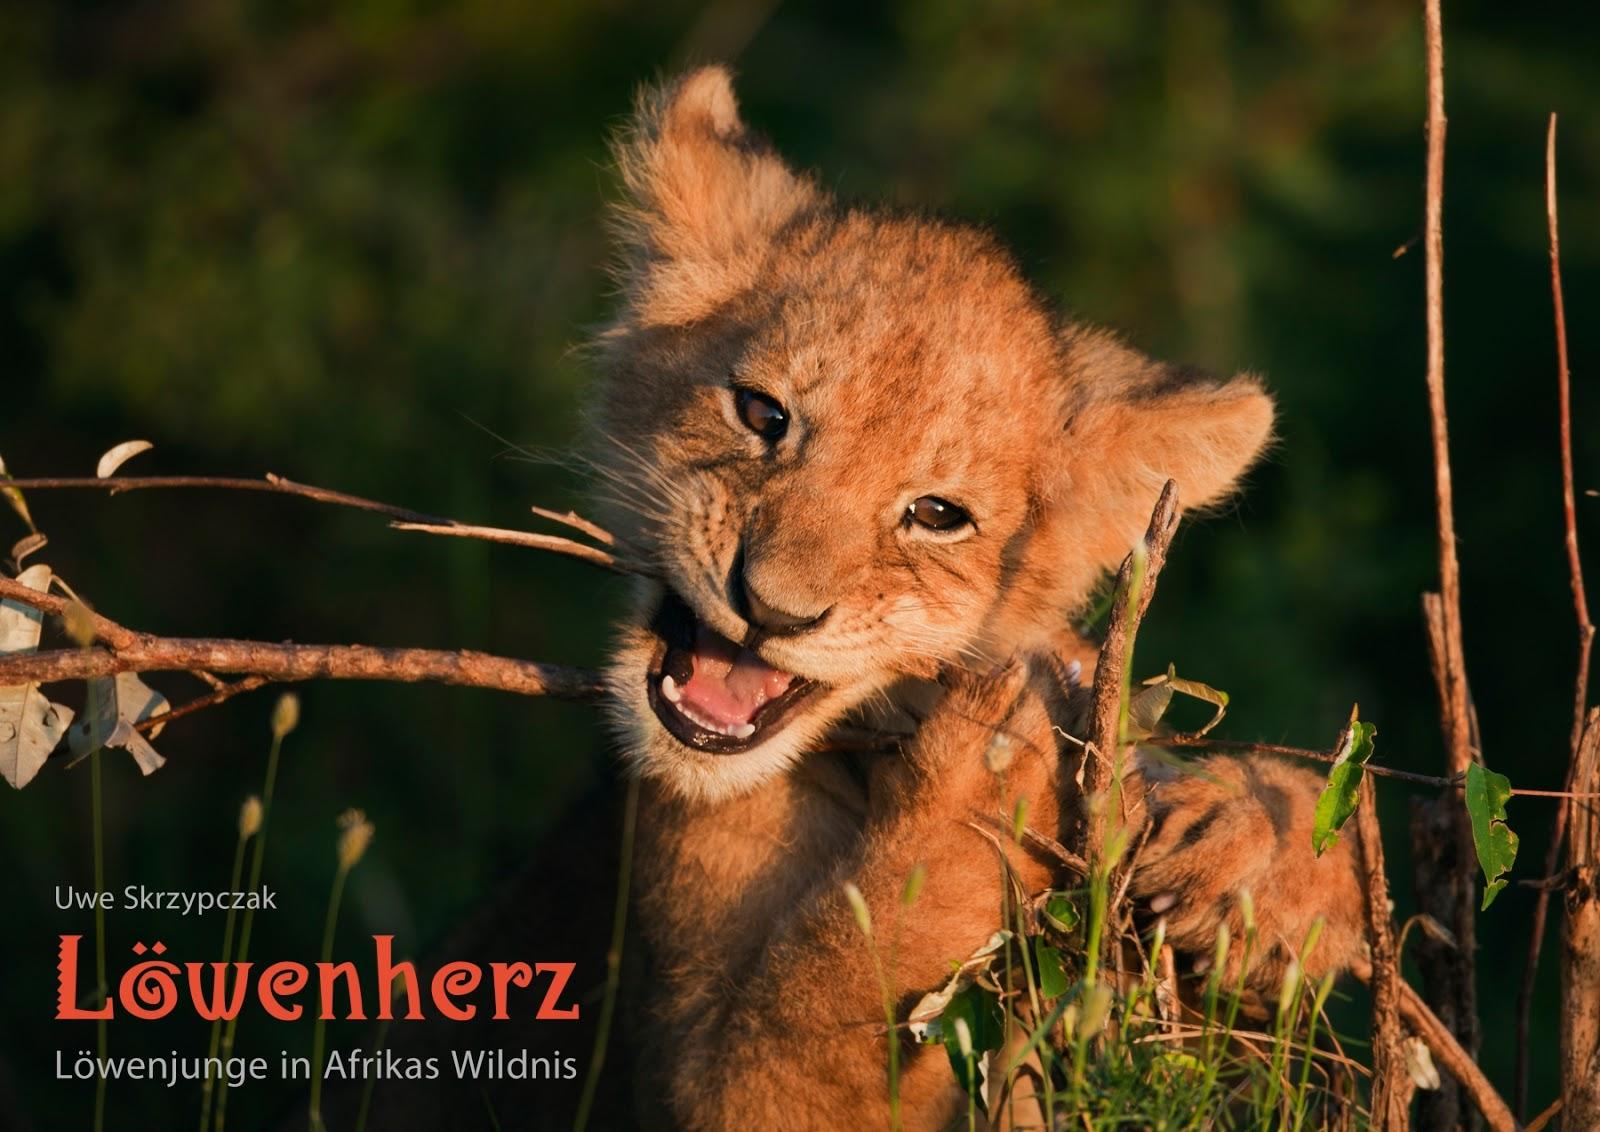 LÖWENHERZ - Löwenjunge in Afrikas Wildnis. Kalender von Uwe Skrzypczak